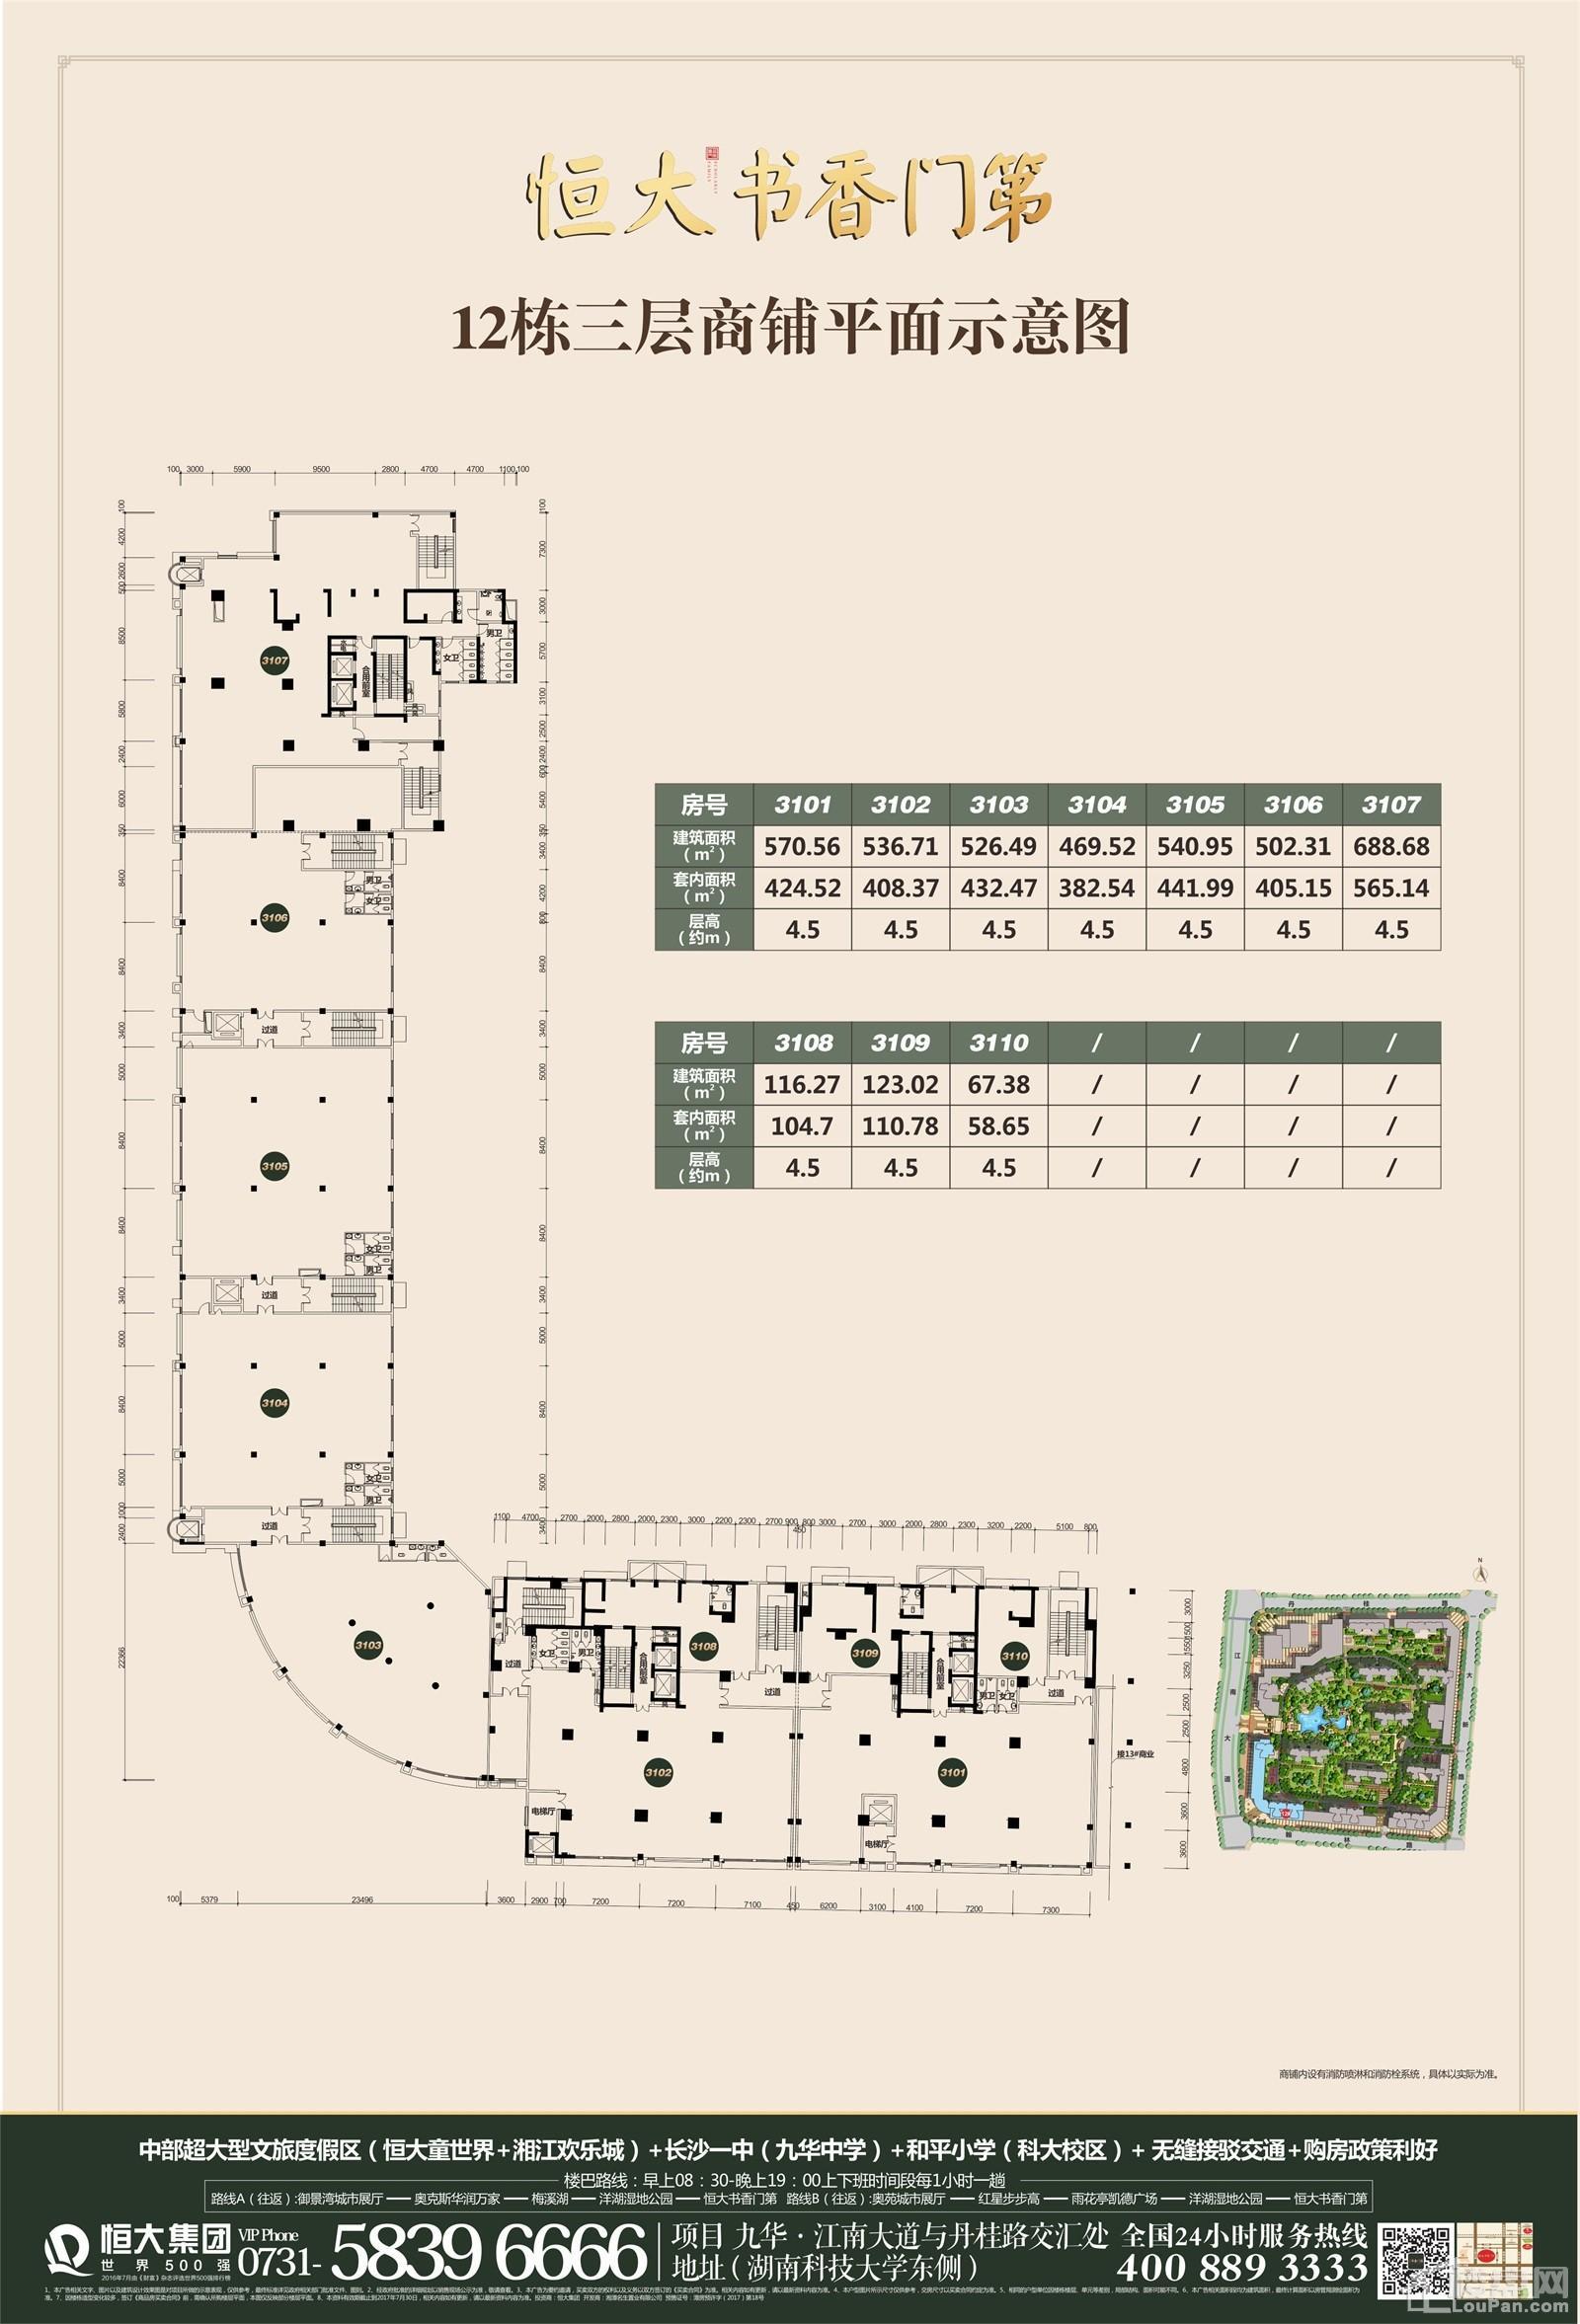 湘潭恒大书香门第12号商铺栋户型图